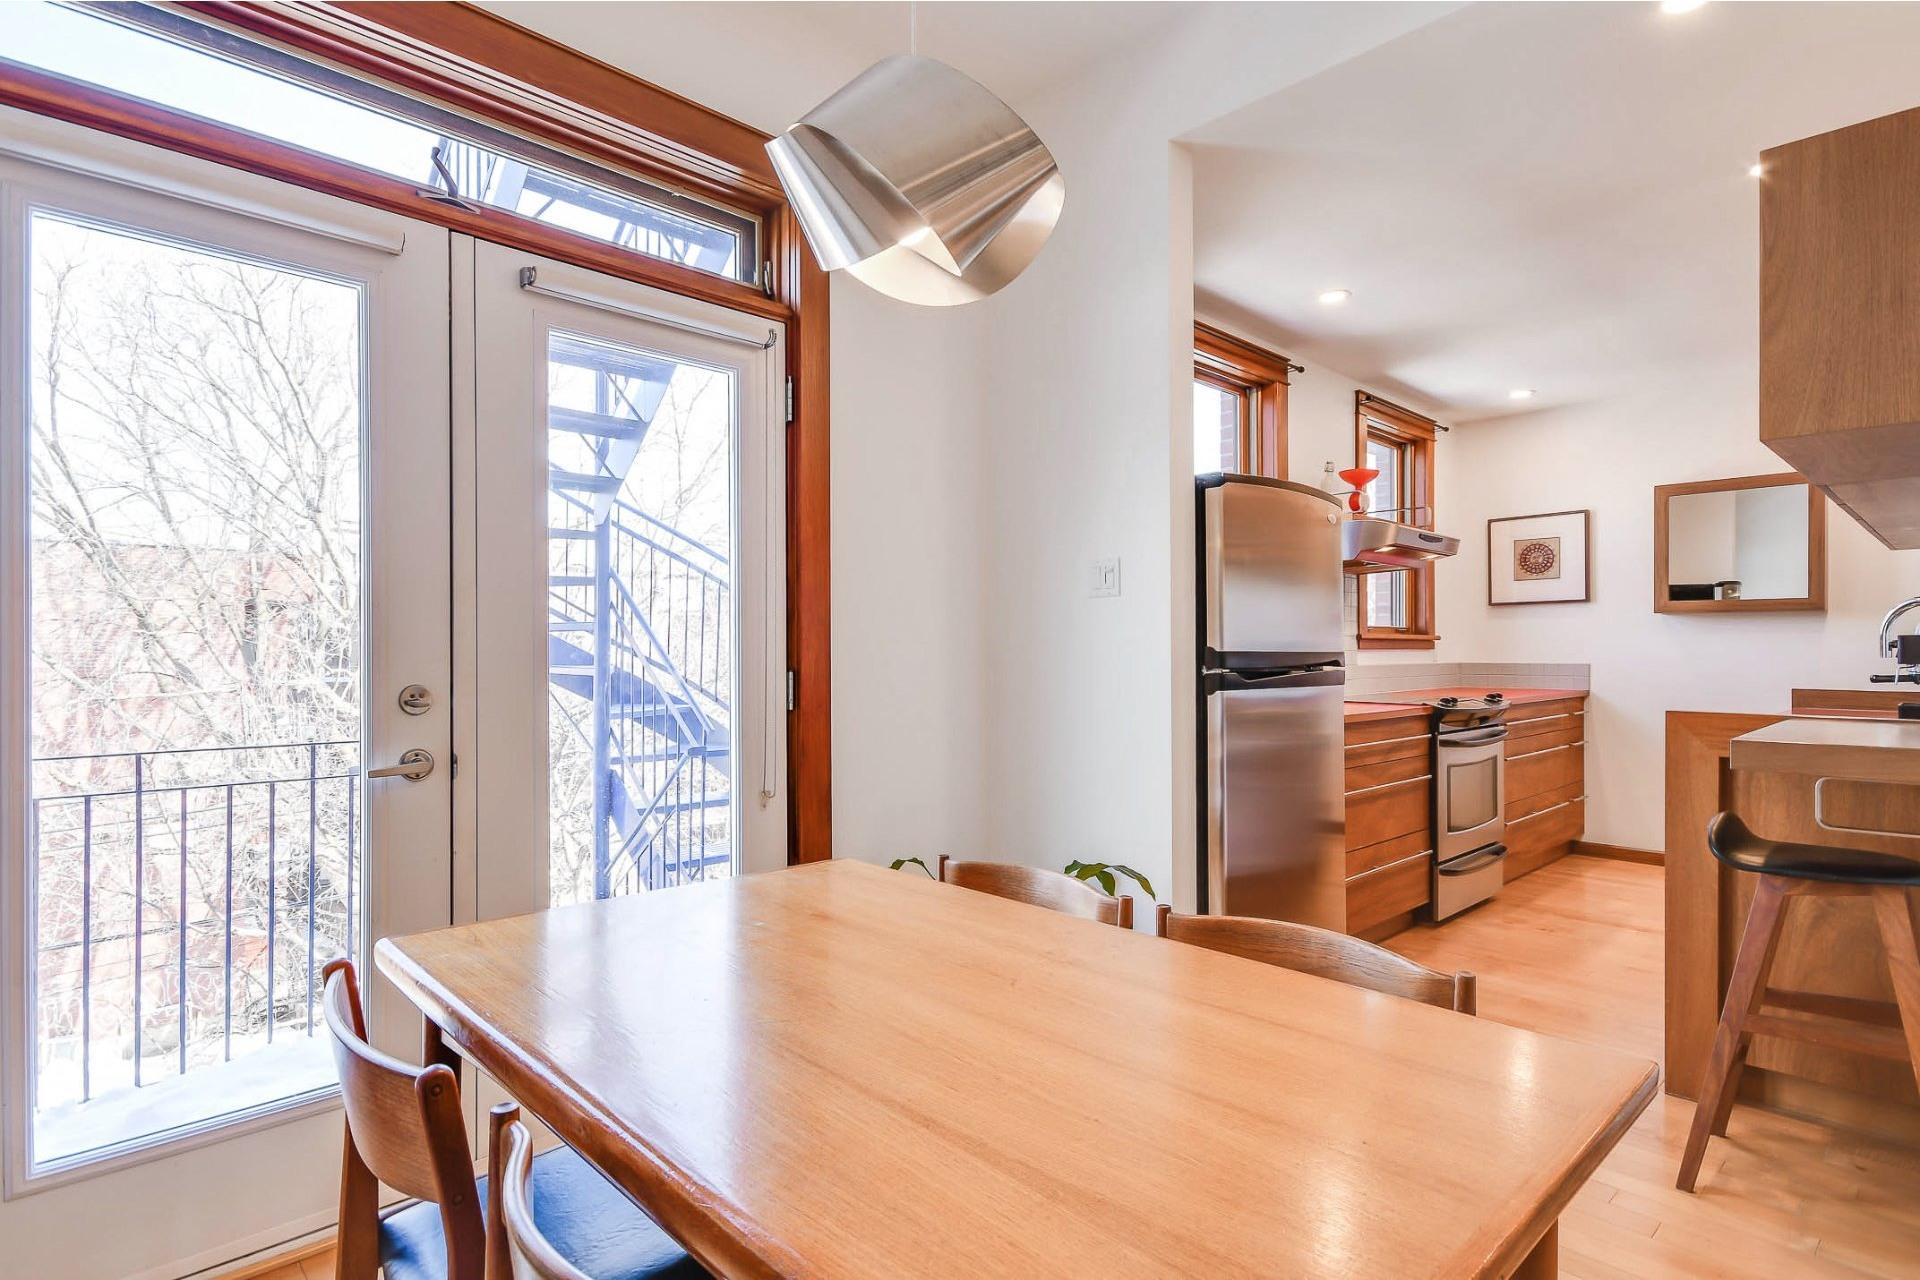 image 2 - Appartement À vendre Le Plateau-Mont-Royal Montréal  - 8 pièces